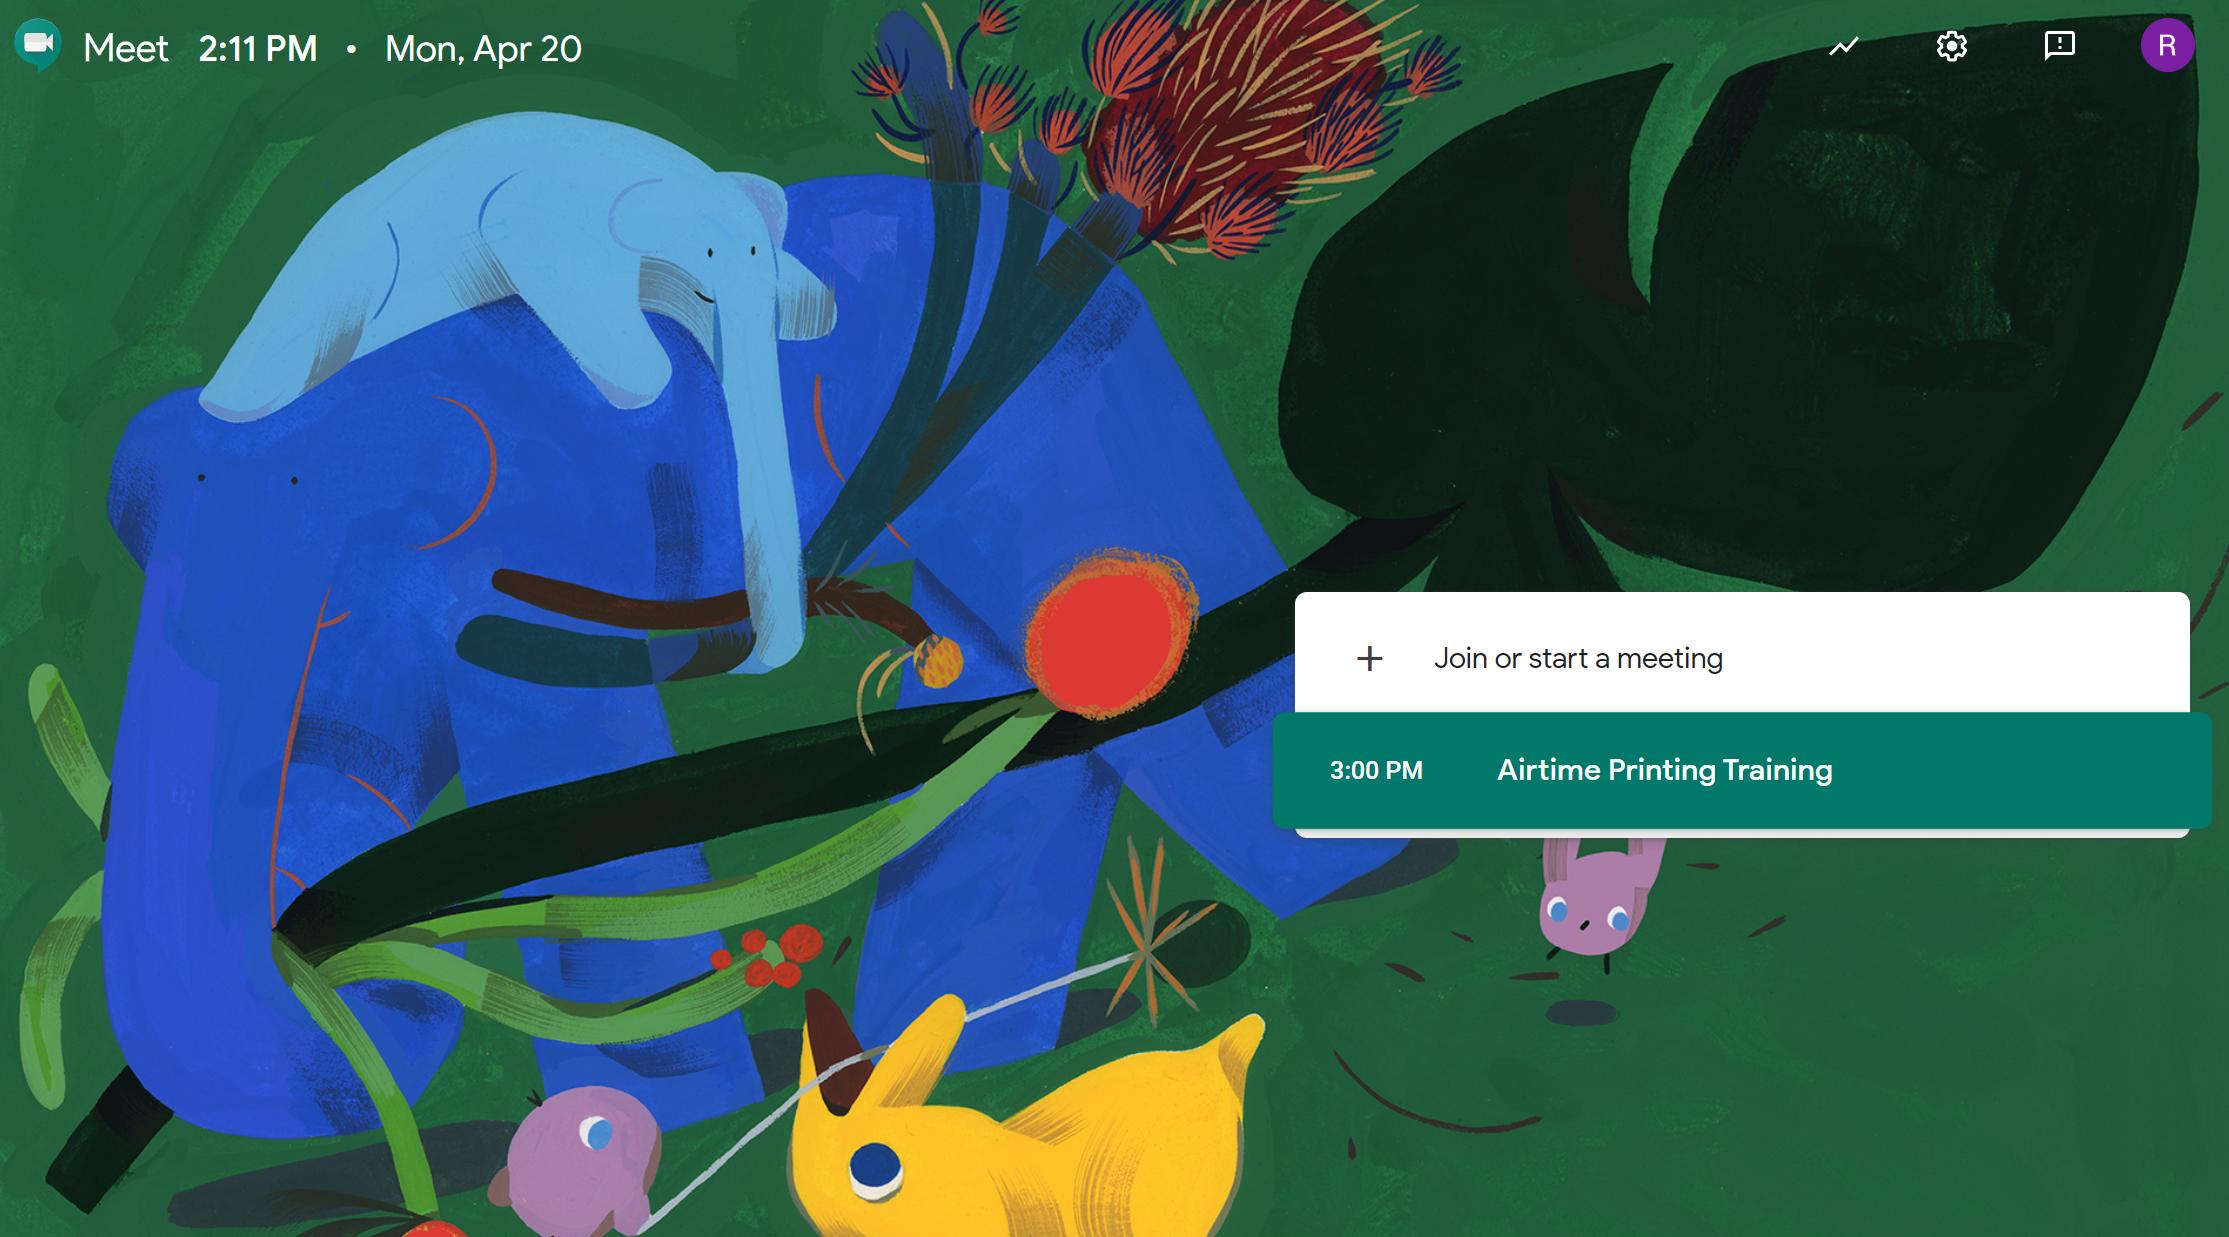 google meet video conferencing app for online video meetings groups webinars